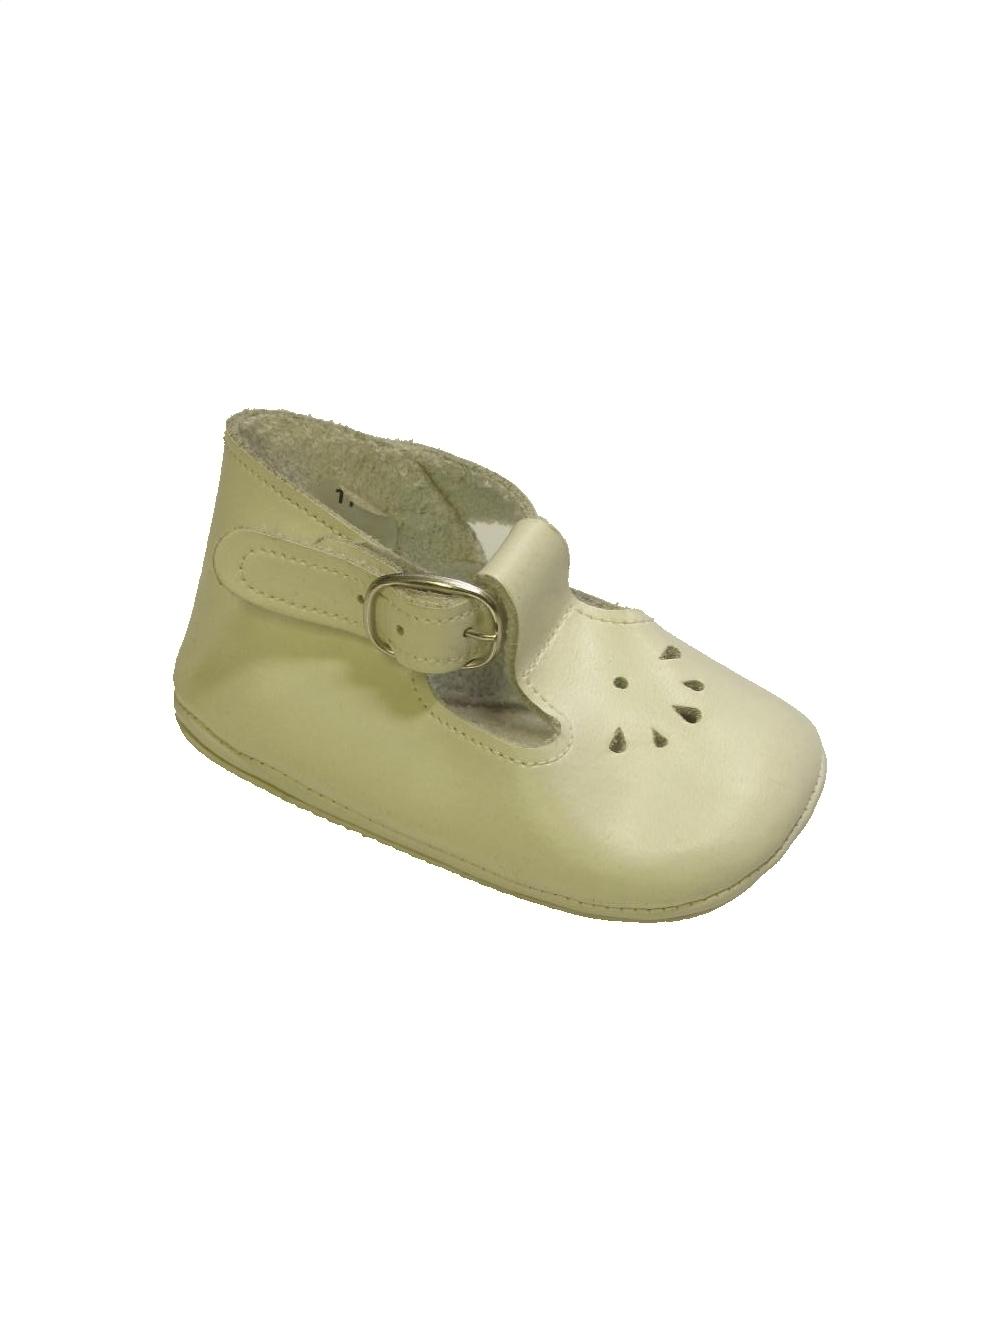 eebc435bd2c36 Chaussures bebe beige BABYBOTTE du 17 pour Fille - 882692